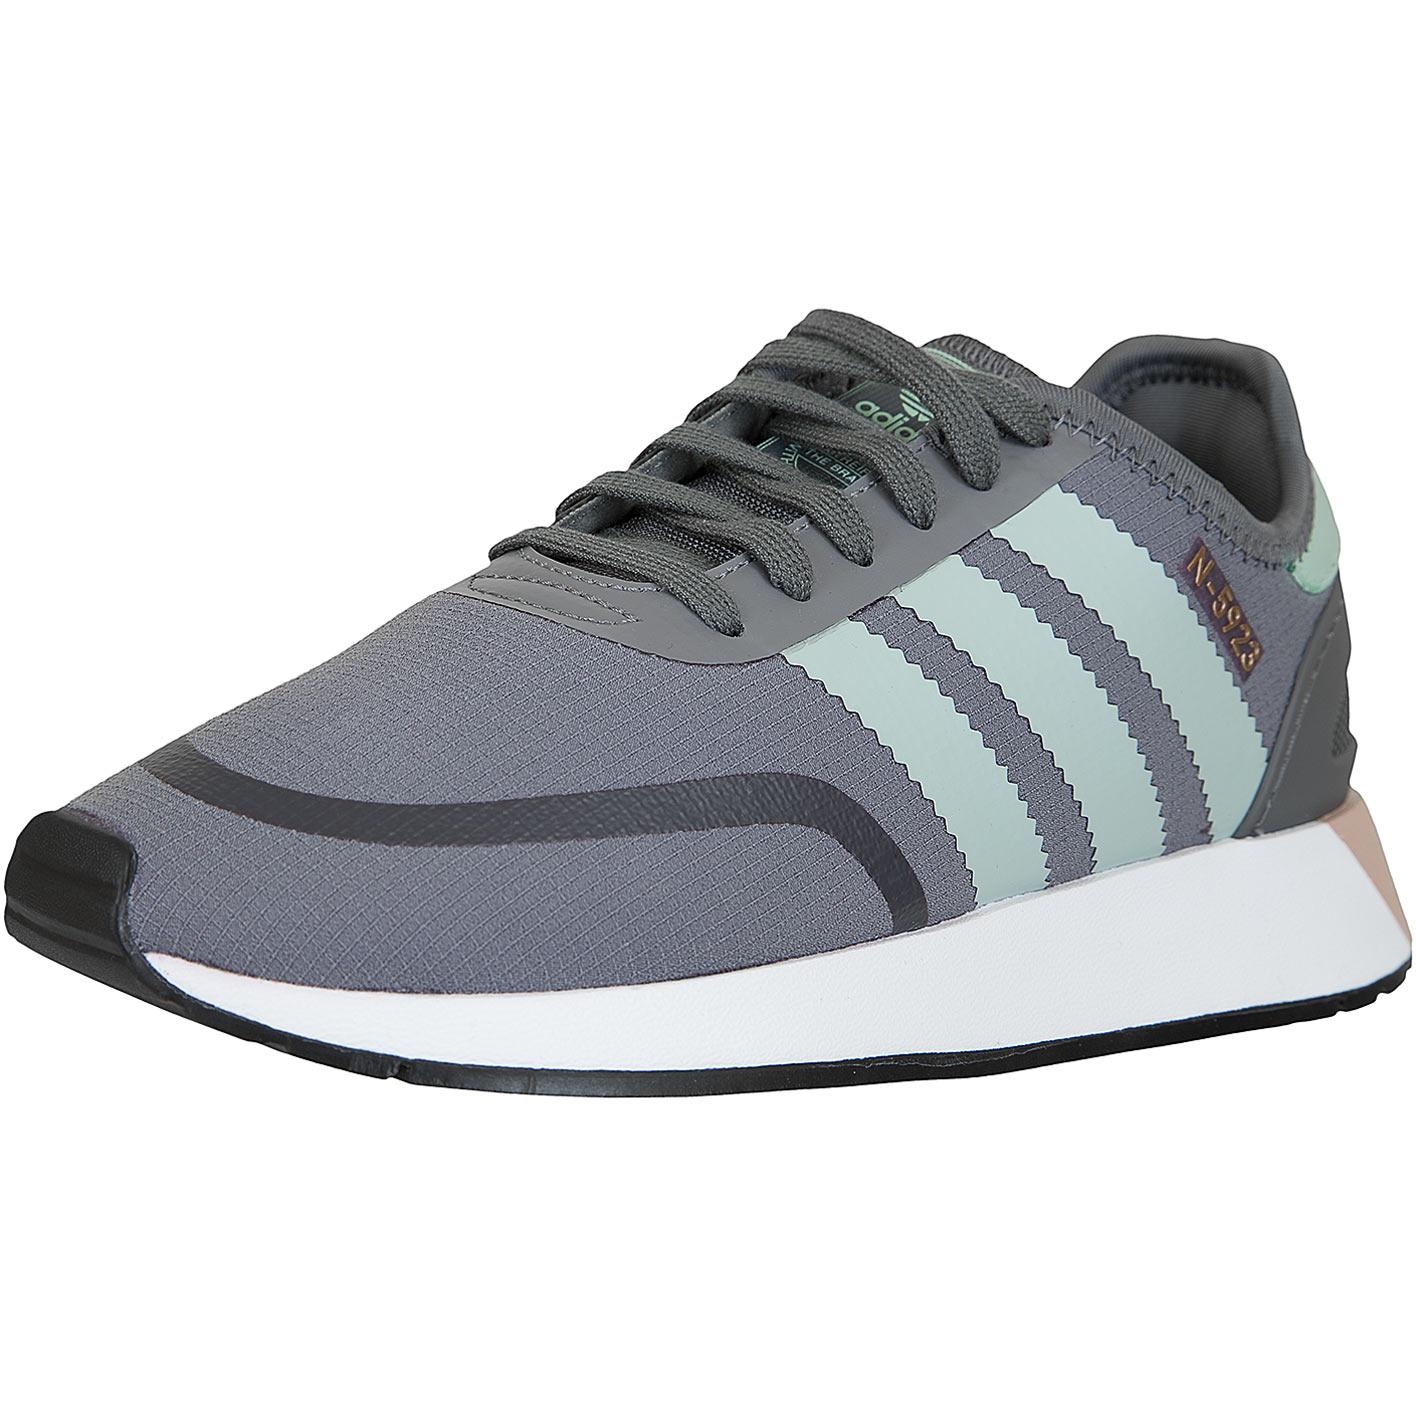 ☆ Adidas Originals Damen Sneaker N-5923 grau/grün - hier bestellen!